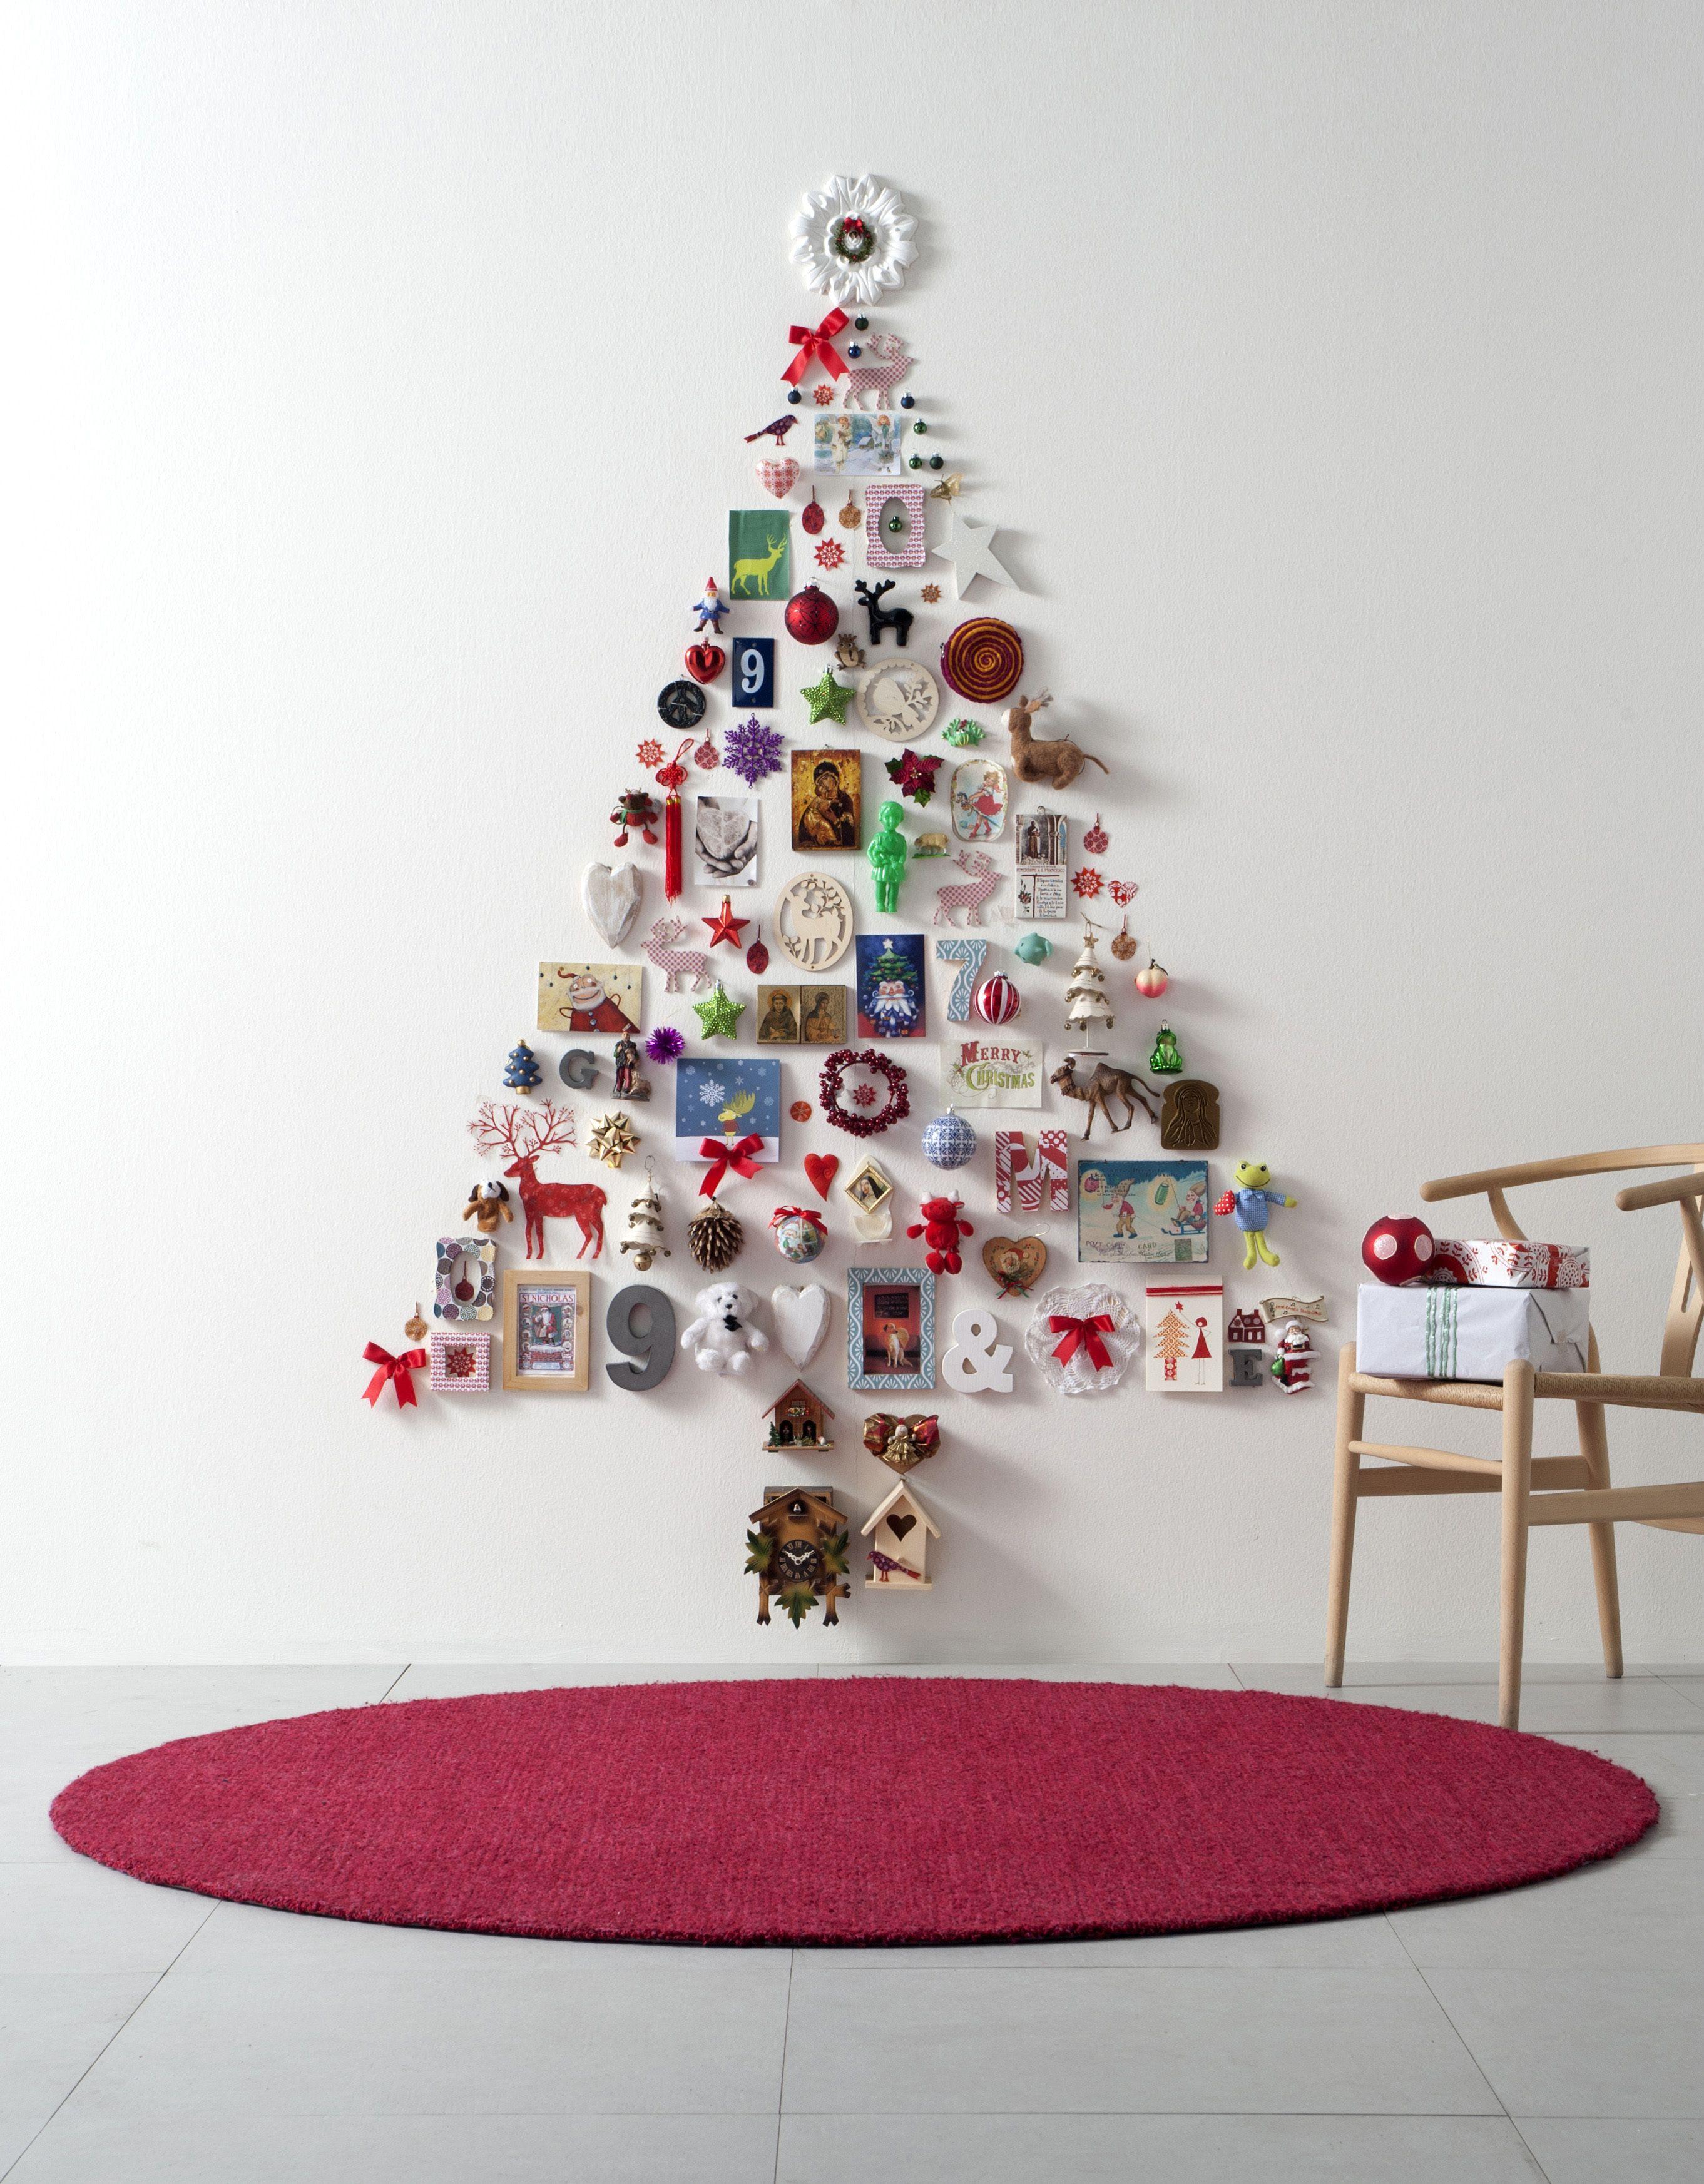 Scatola dei ricordi fai da te decorazioni di natale - Decorazioni natalizie moderne ...